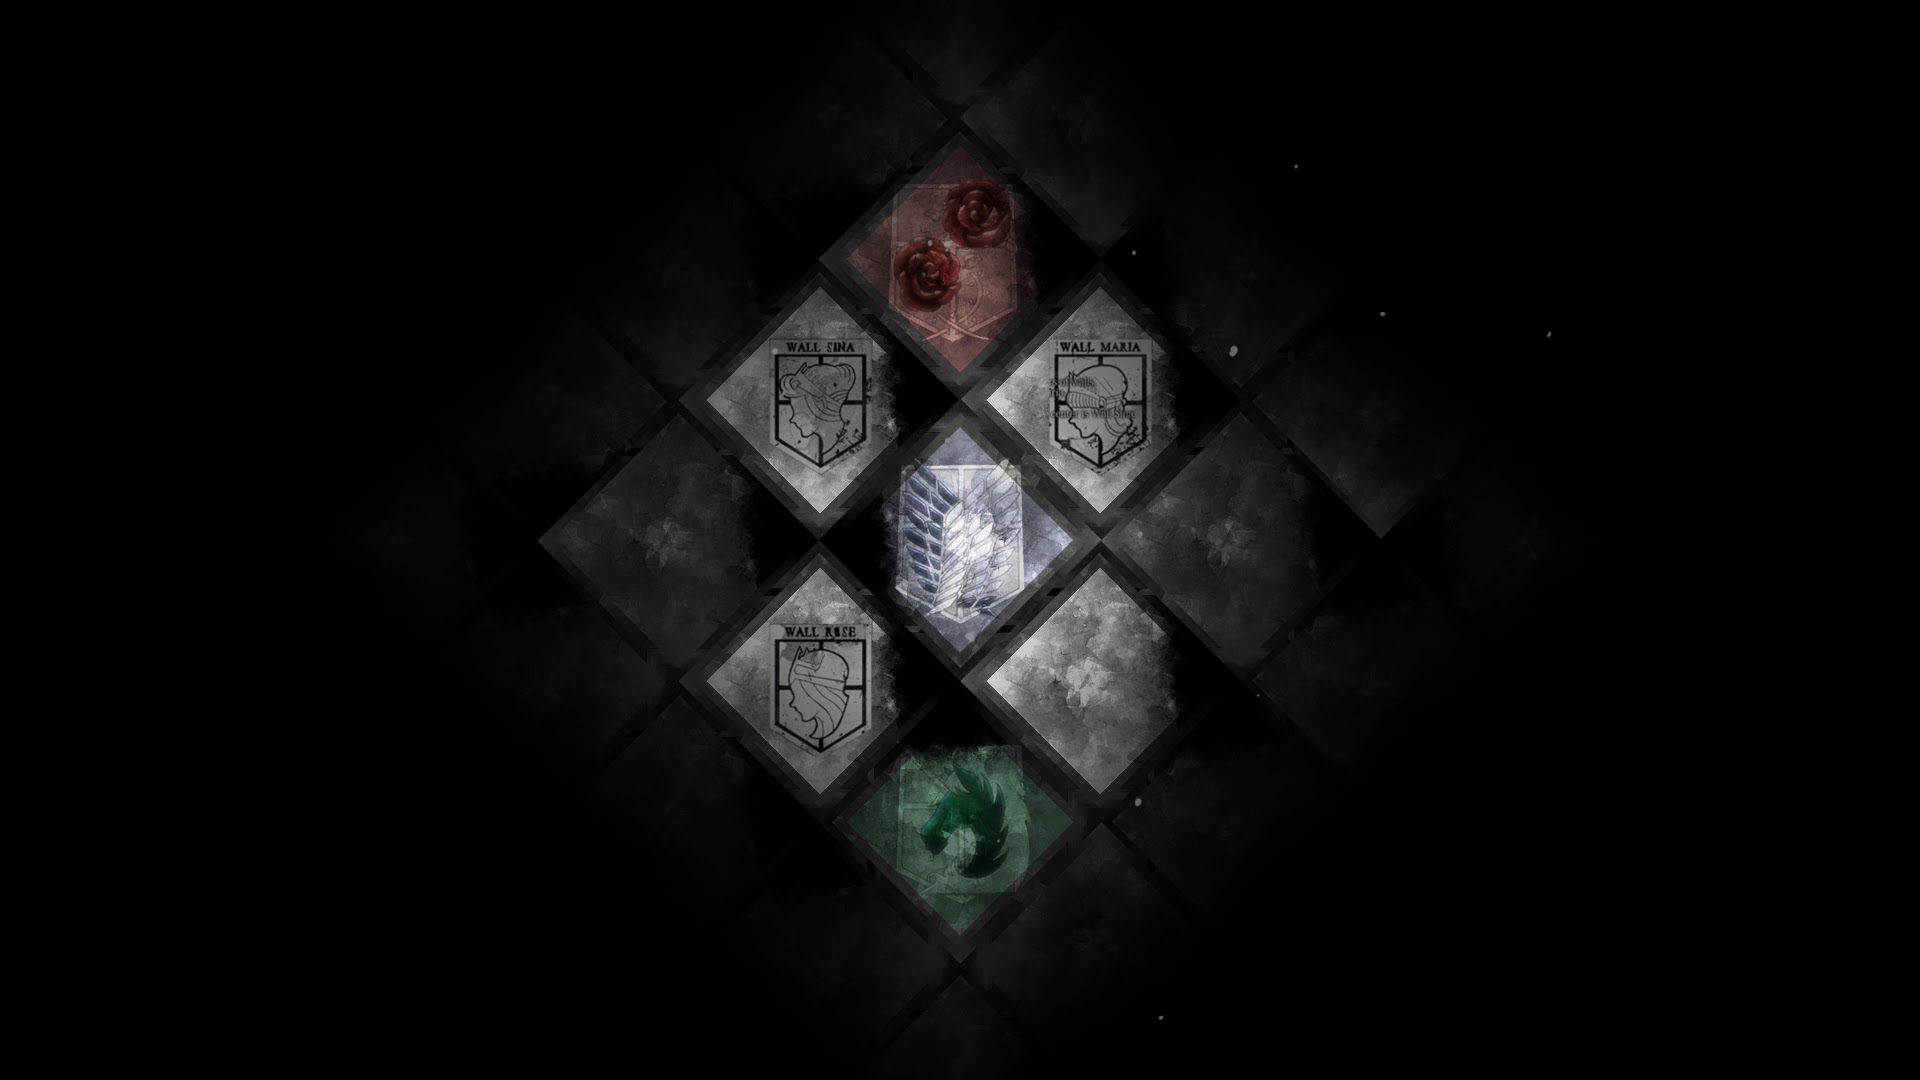 attack-on-titan-emblem-flag-quasixi-x-wallpaper-wp423793-1